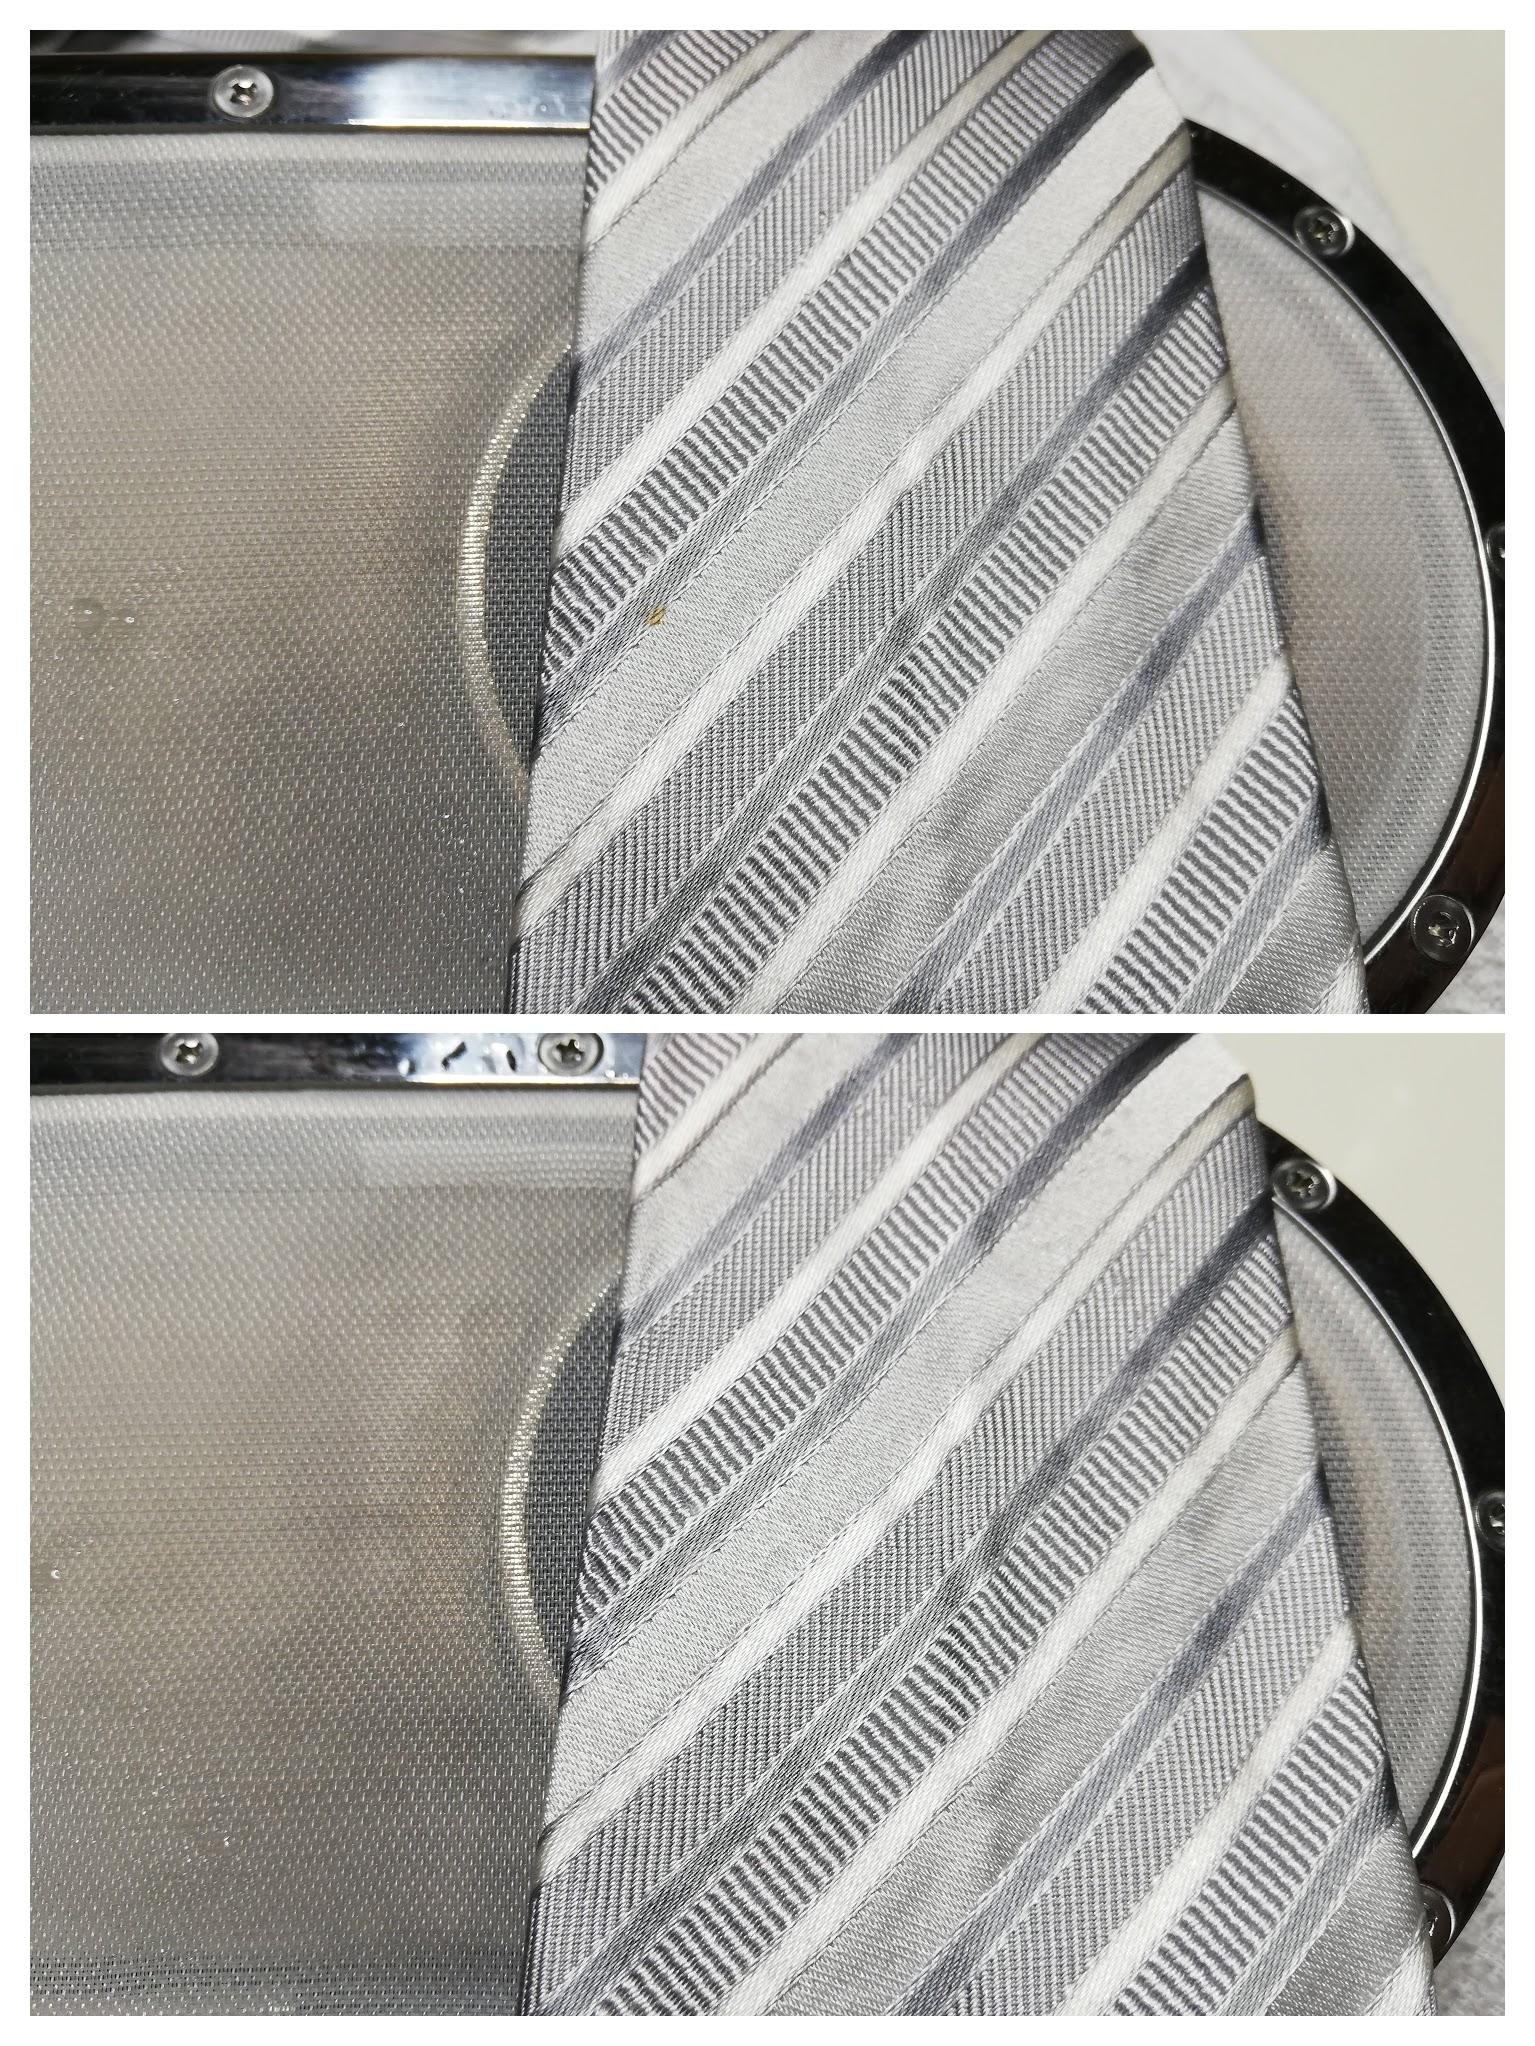 ネクタイ 食べこぼし の しみ by 下町、東京都江東区亀戸の会員制クリーニングベレーナ